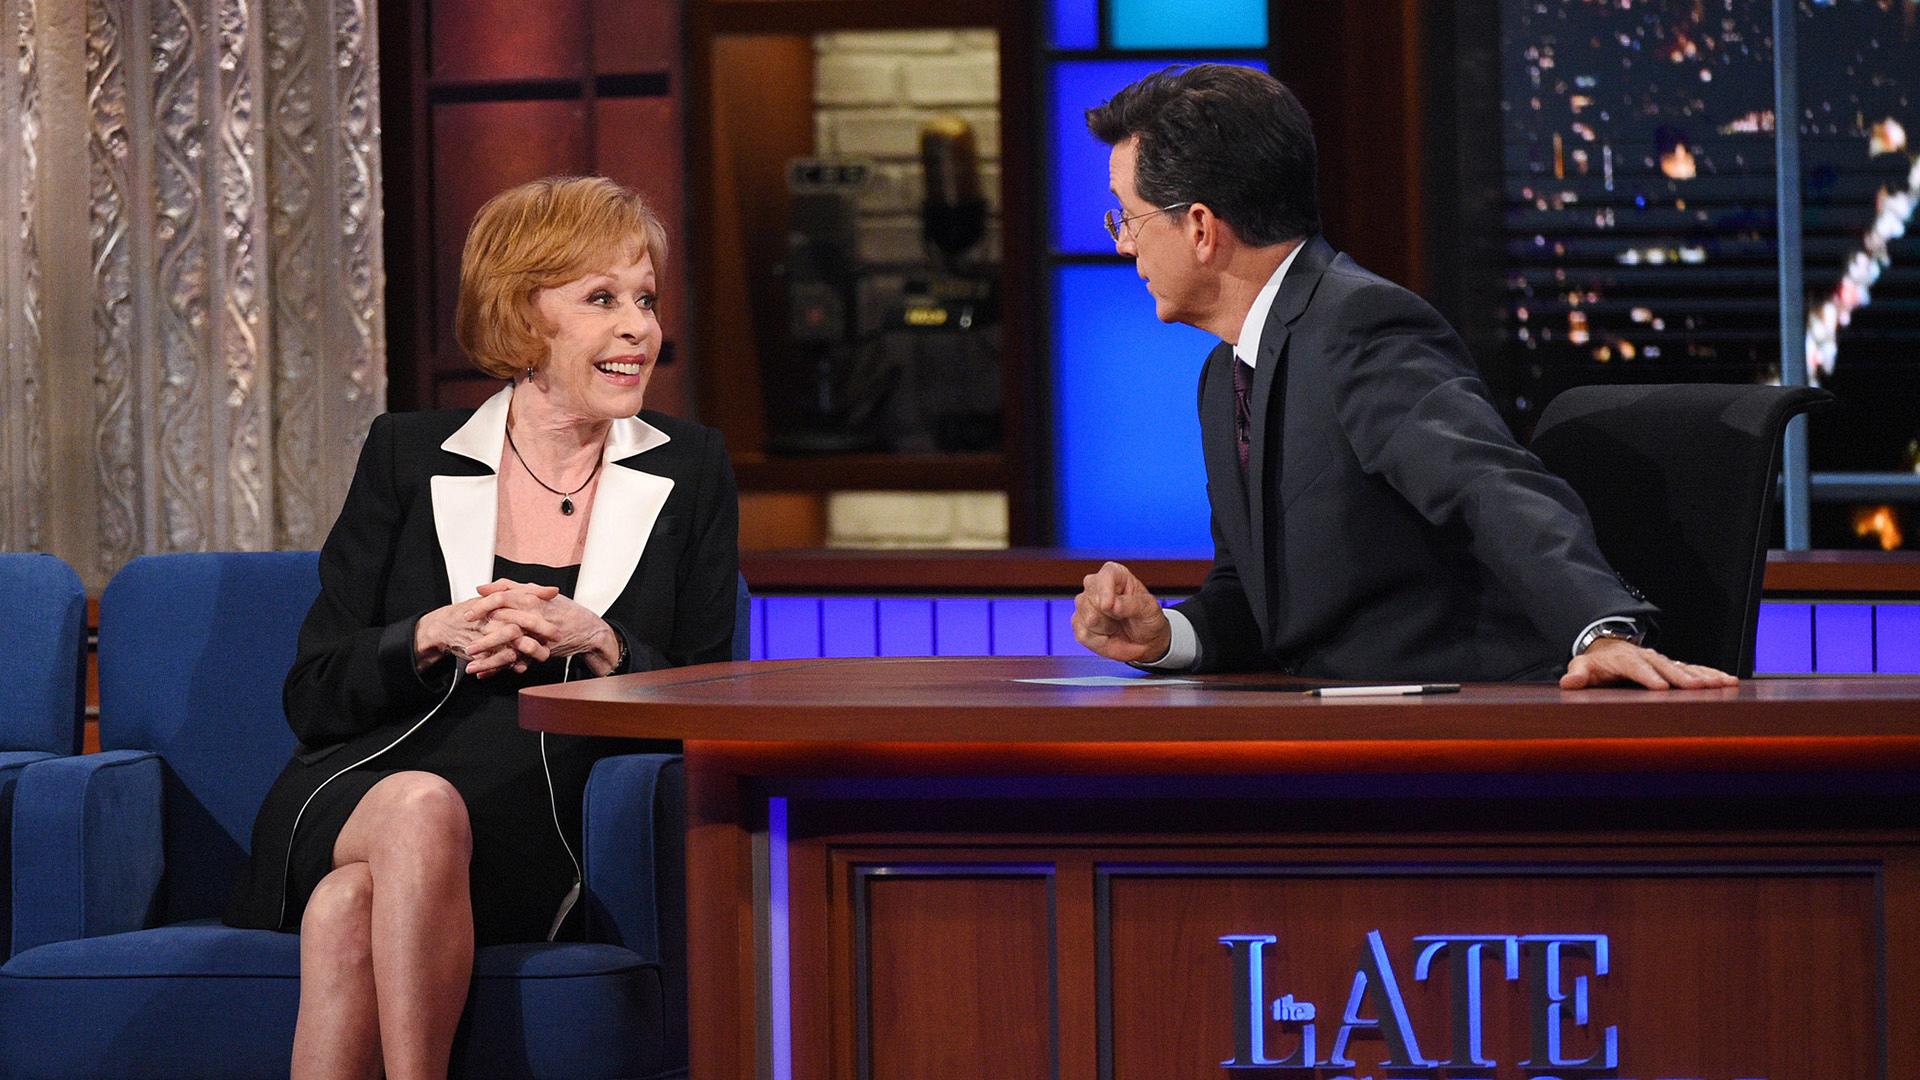 Carol Burnett and Stephen Colbert